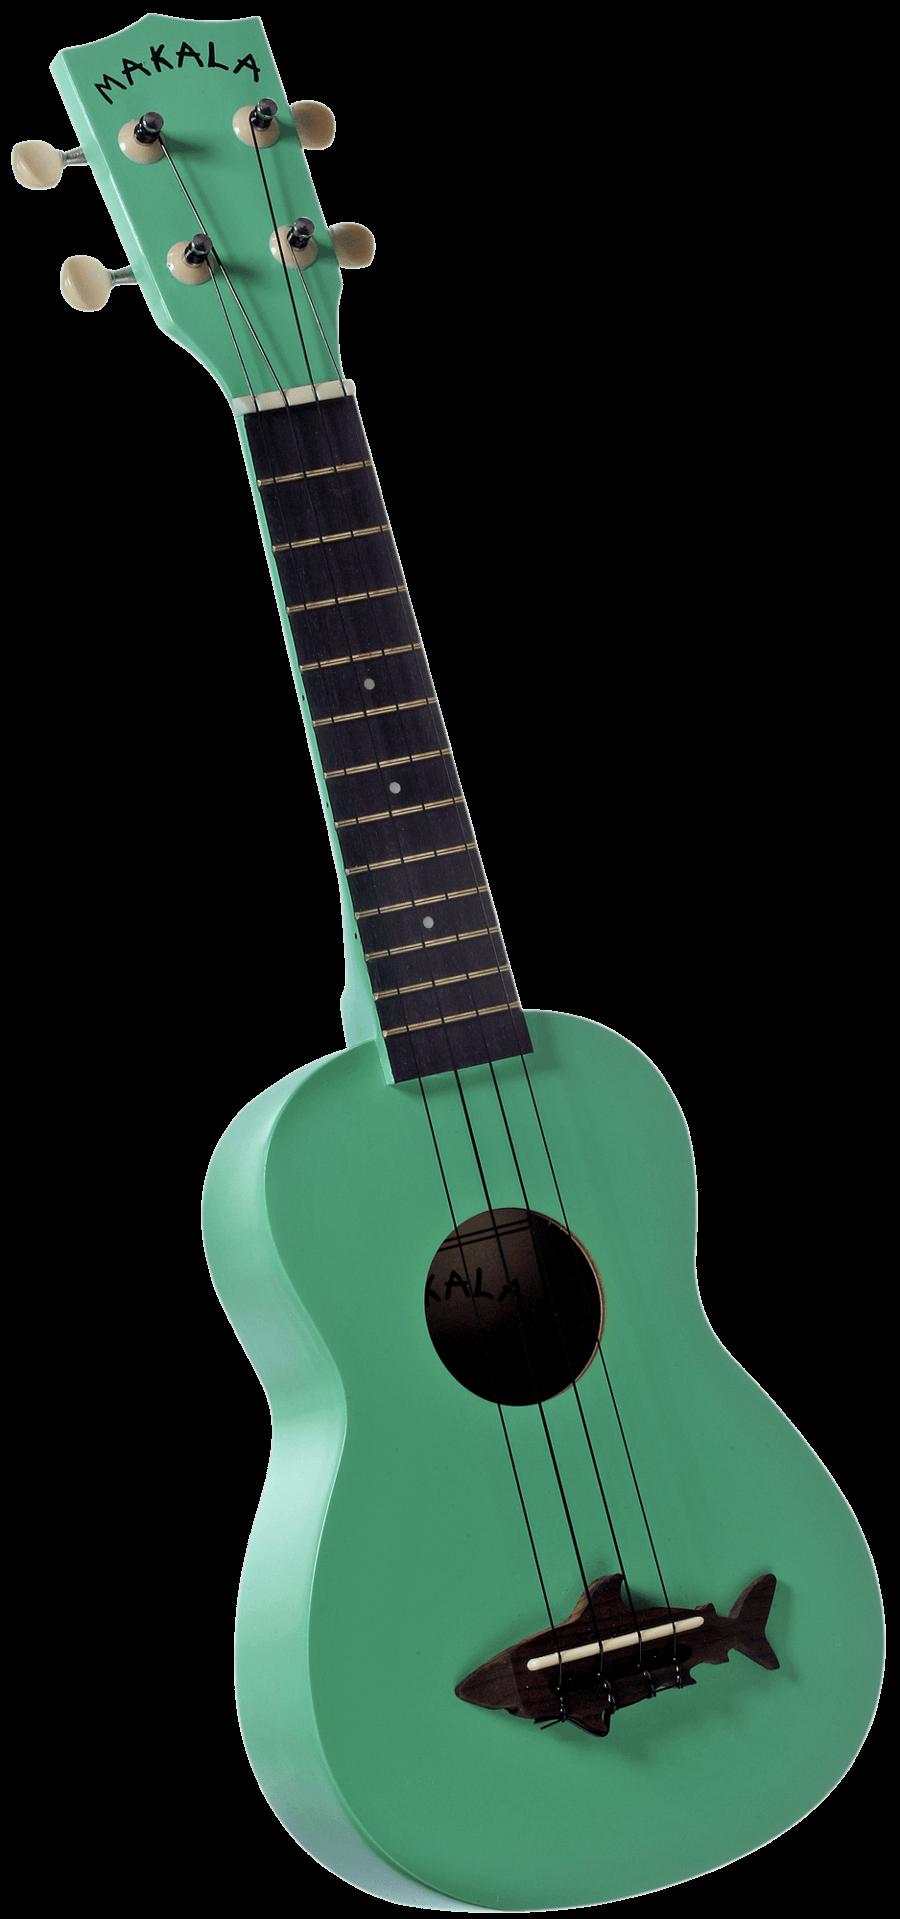 Makala Soprano Ukulele / This ukulele is a perfect size